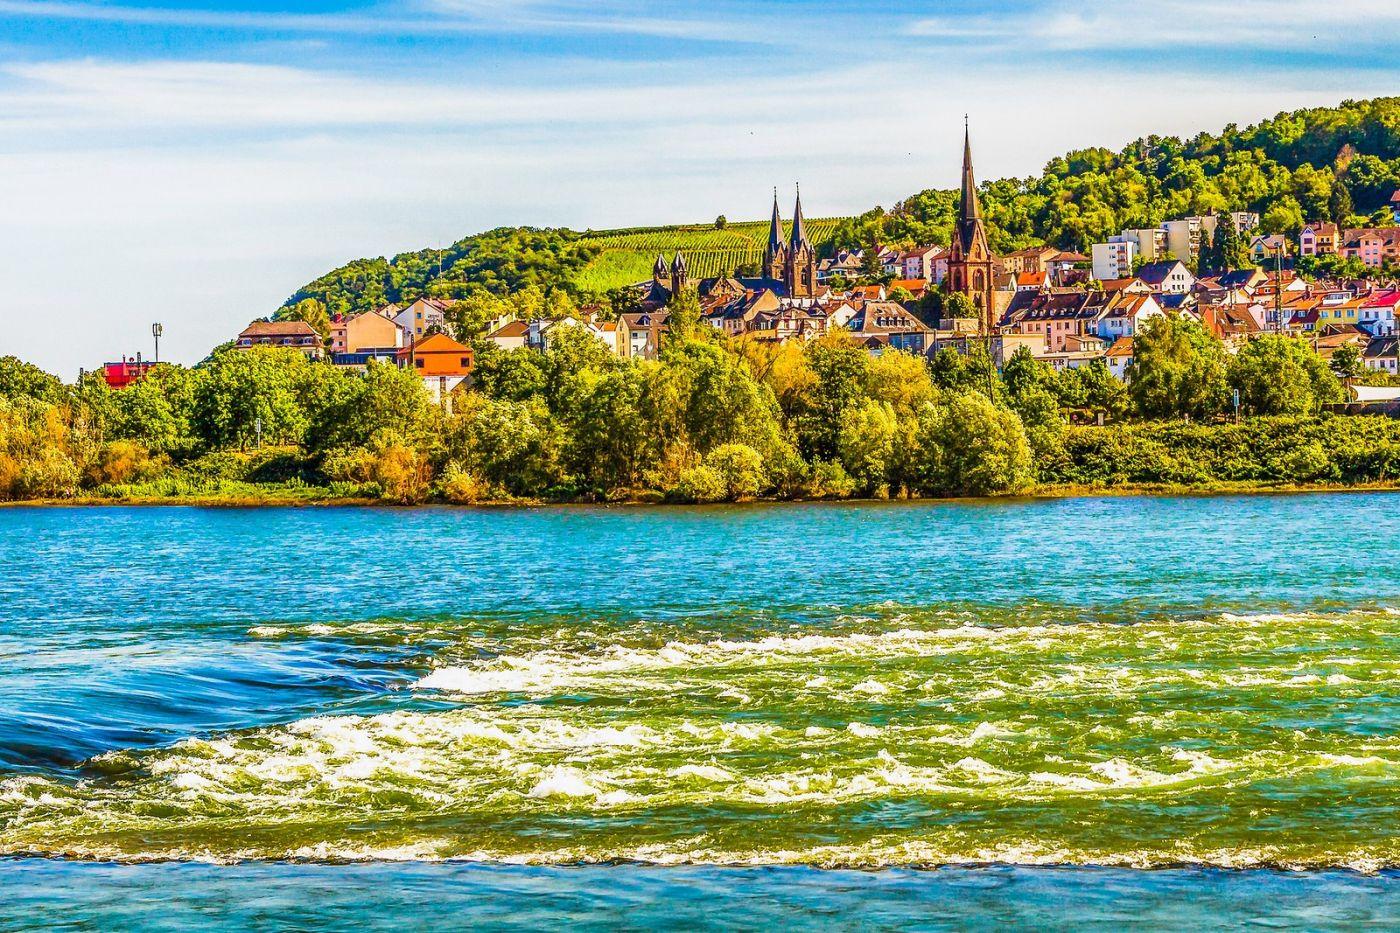 畅游莱茵河,河中的城堡_图1-28